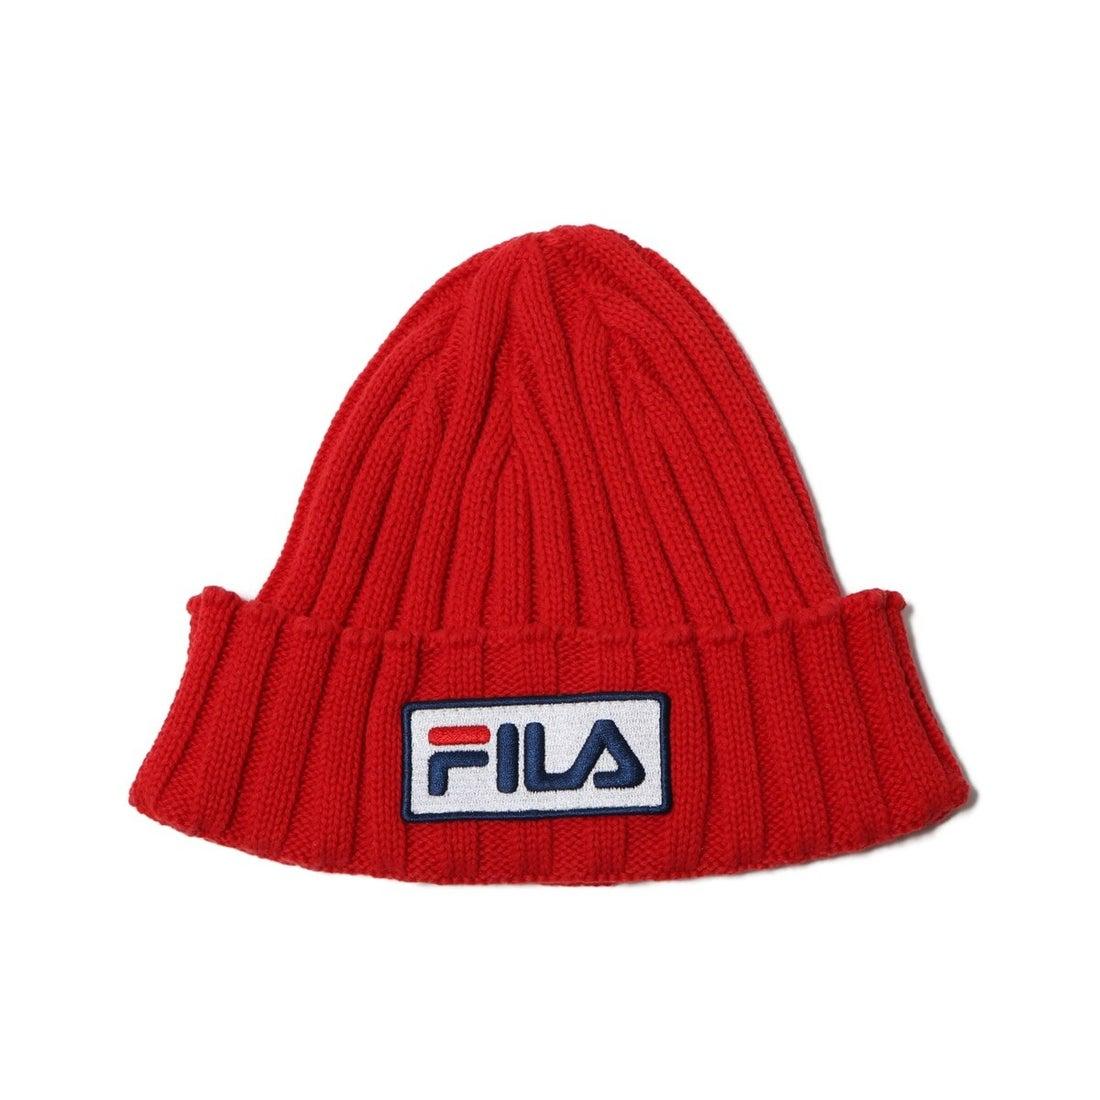 ロコンド 靴とファッションの通販サイトフィラ FILA FILA FLS RIB KNIT WATCH (RED)